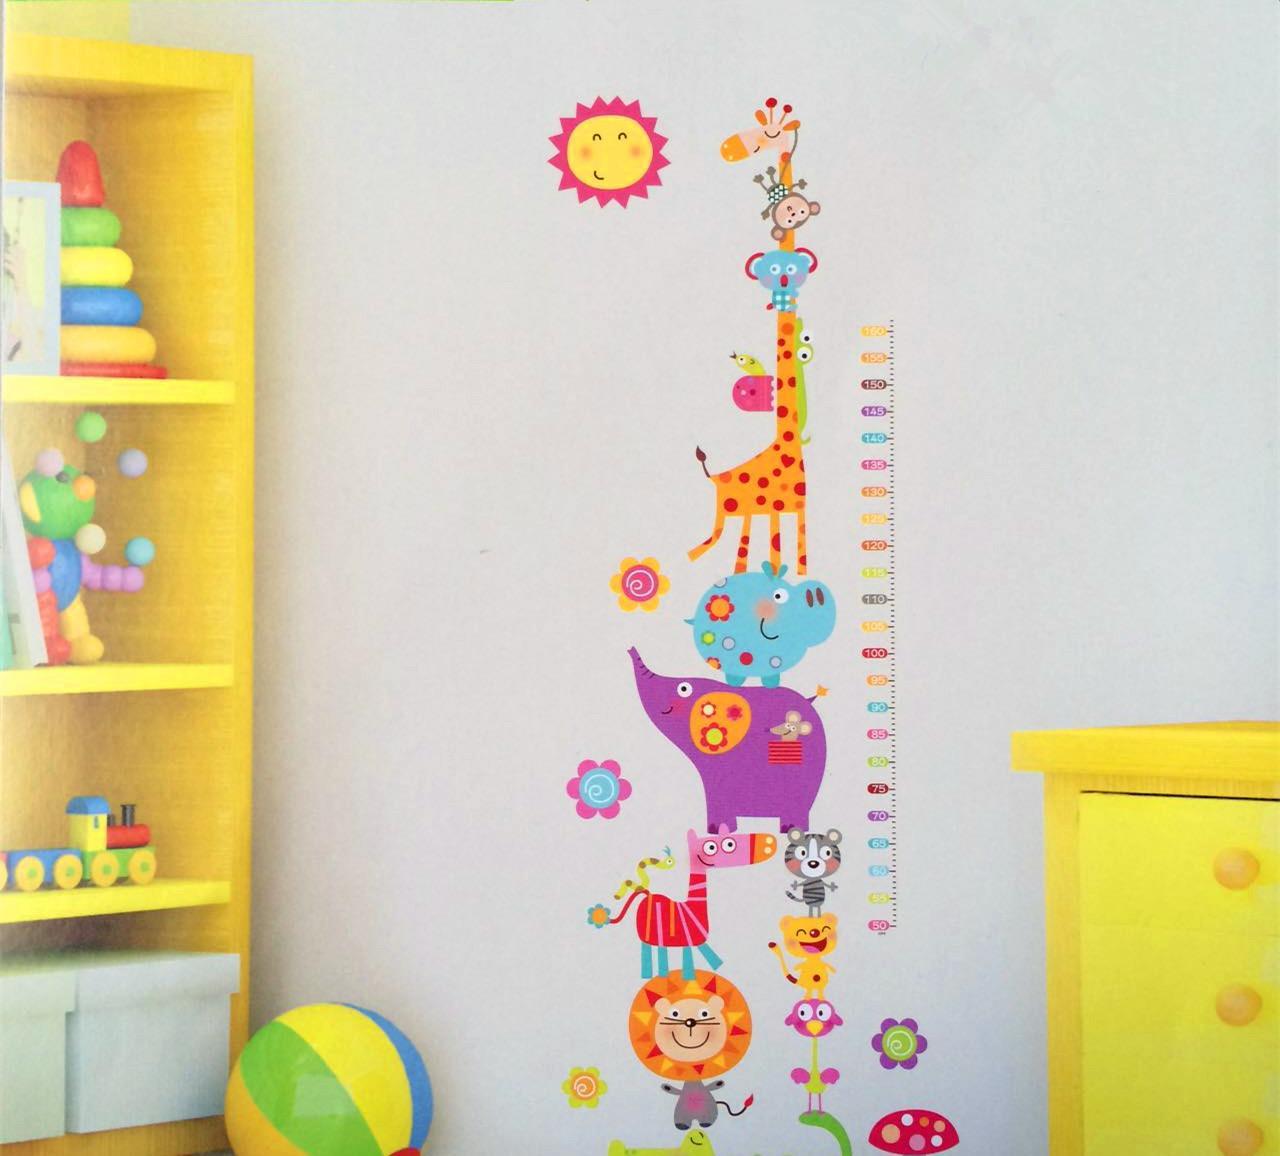 新款超大张拼接卡通长颈鹿幼儿园教室儿童房装饰自粘式身高墙贴